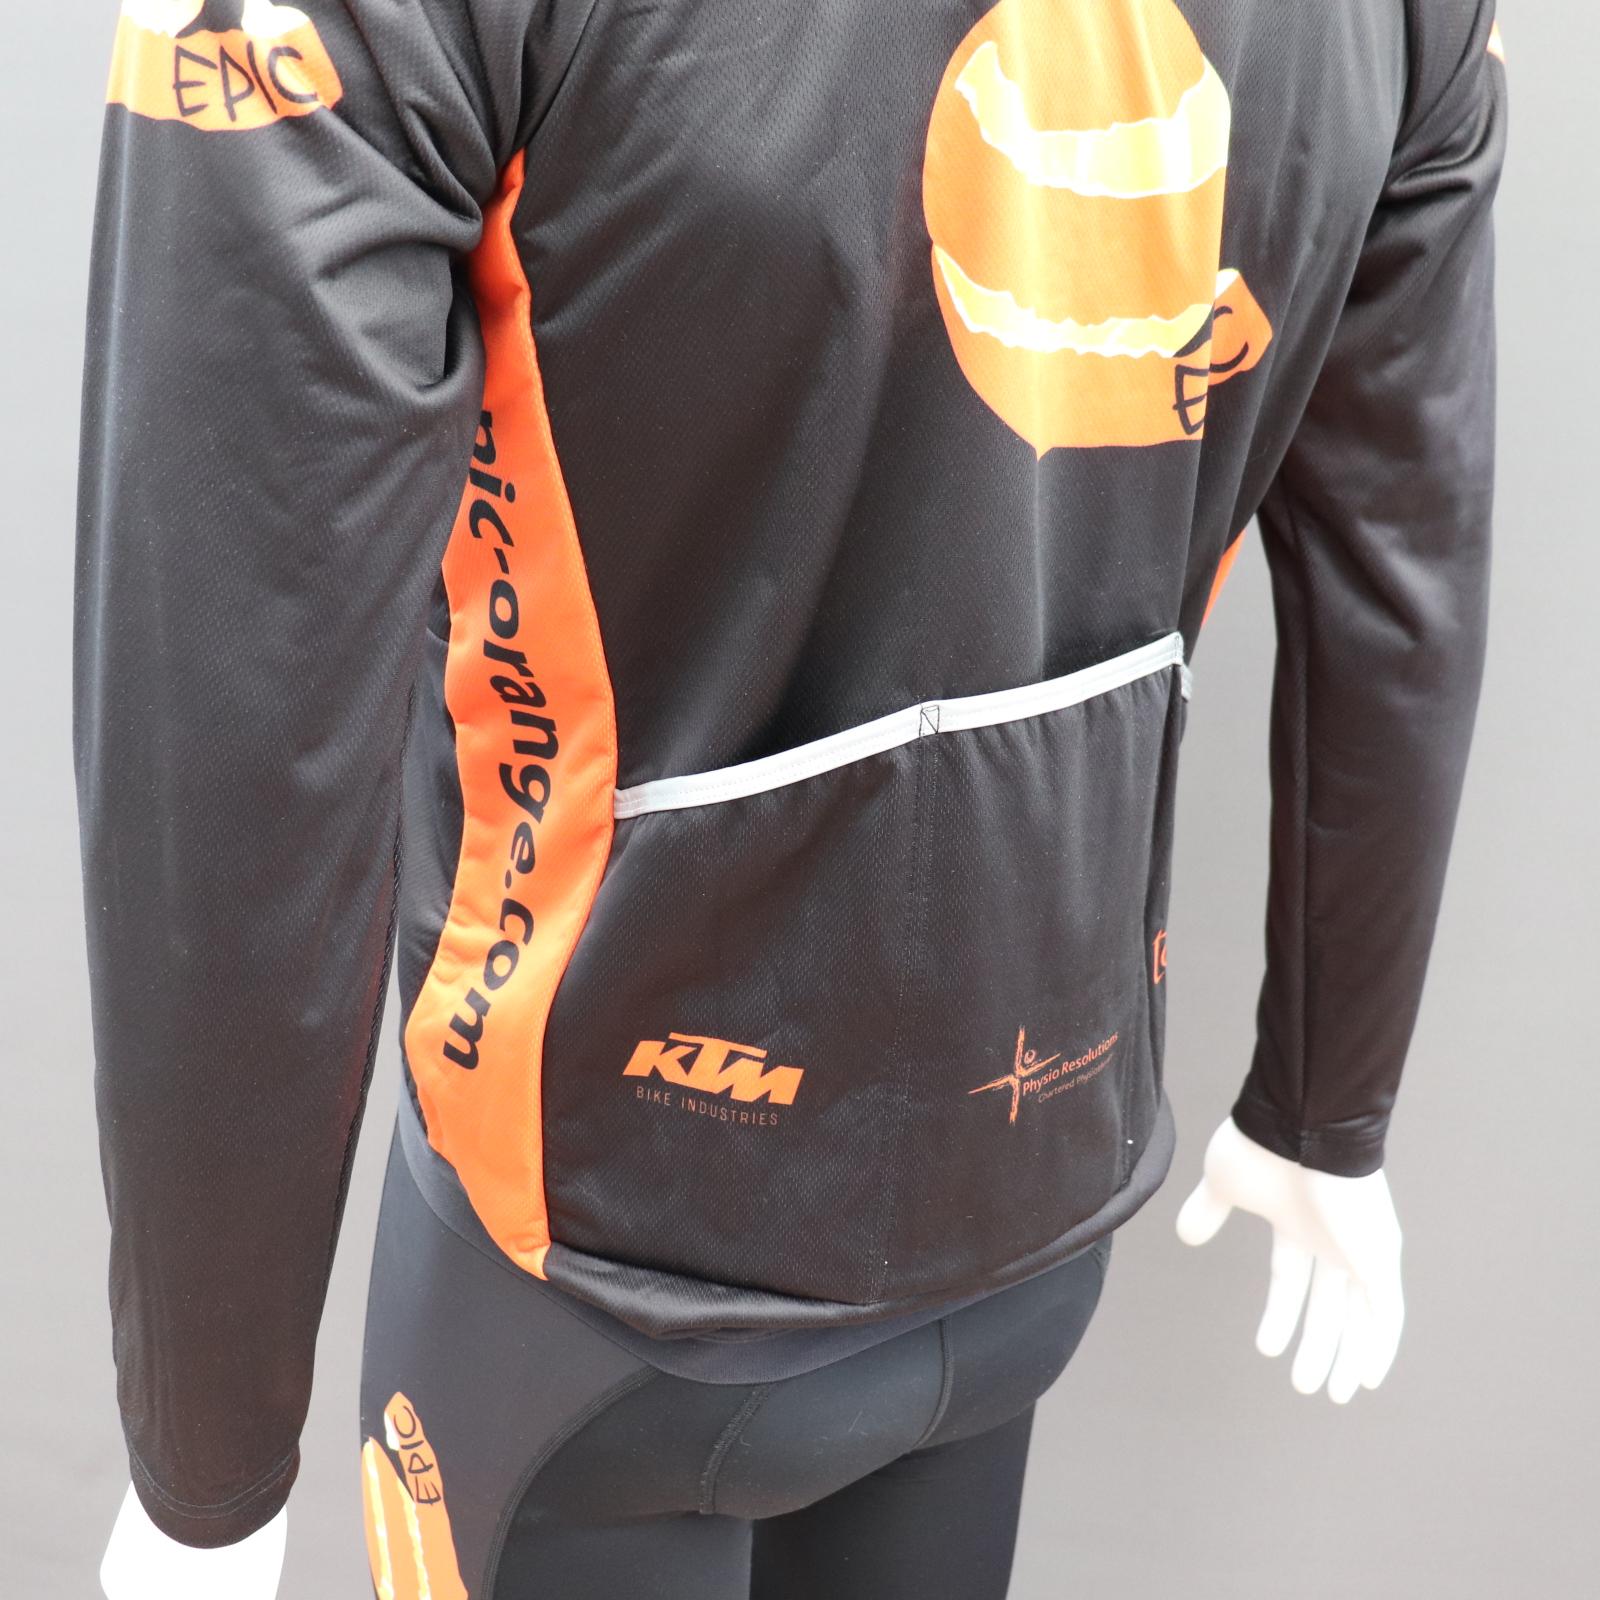 Sub Zero Cycle Jackets - Deep Reflective Pockets